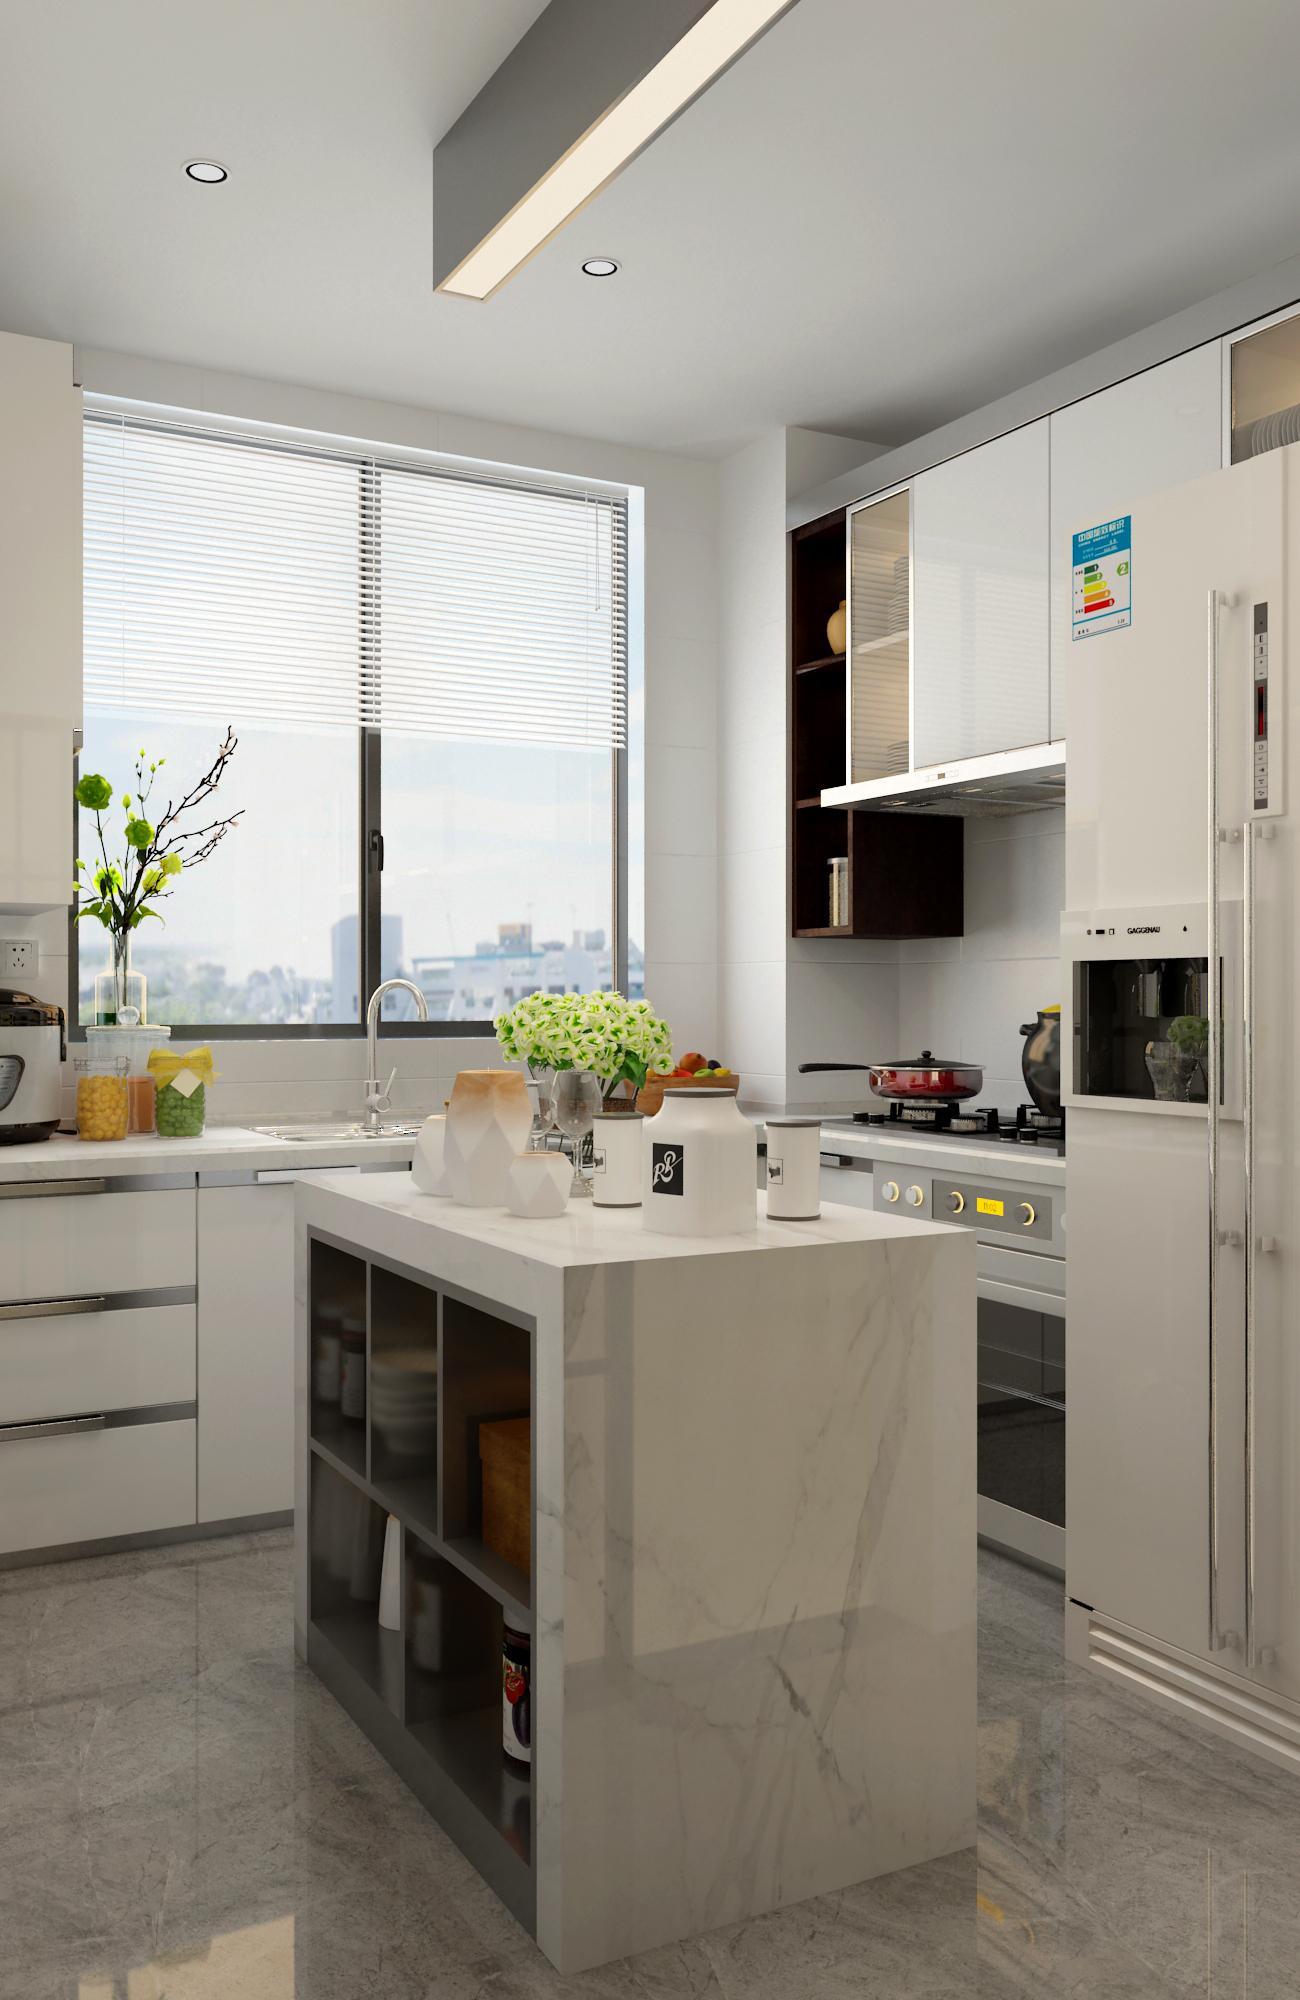 108㎡现代简约厨房设计图